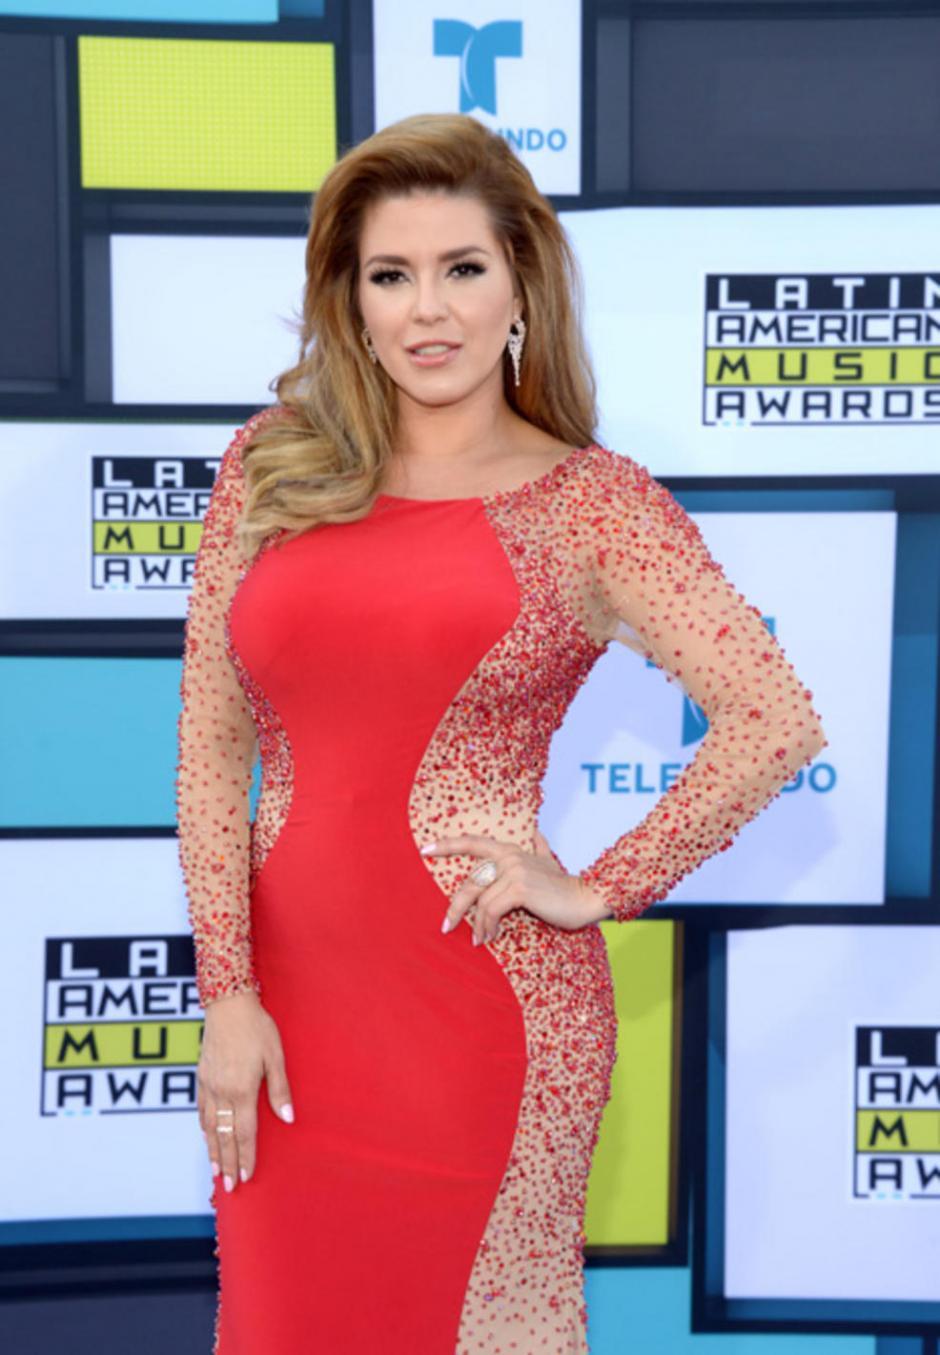 La ex reina de belleza, Alicia Machado. (Foto: Telemundo)